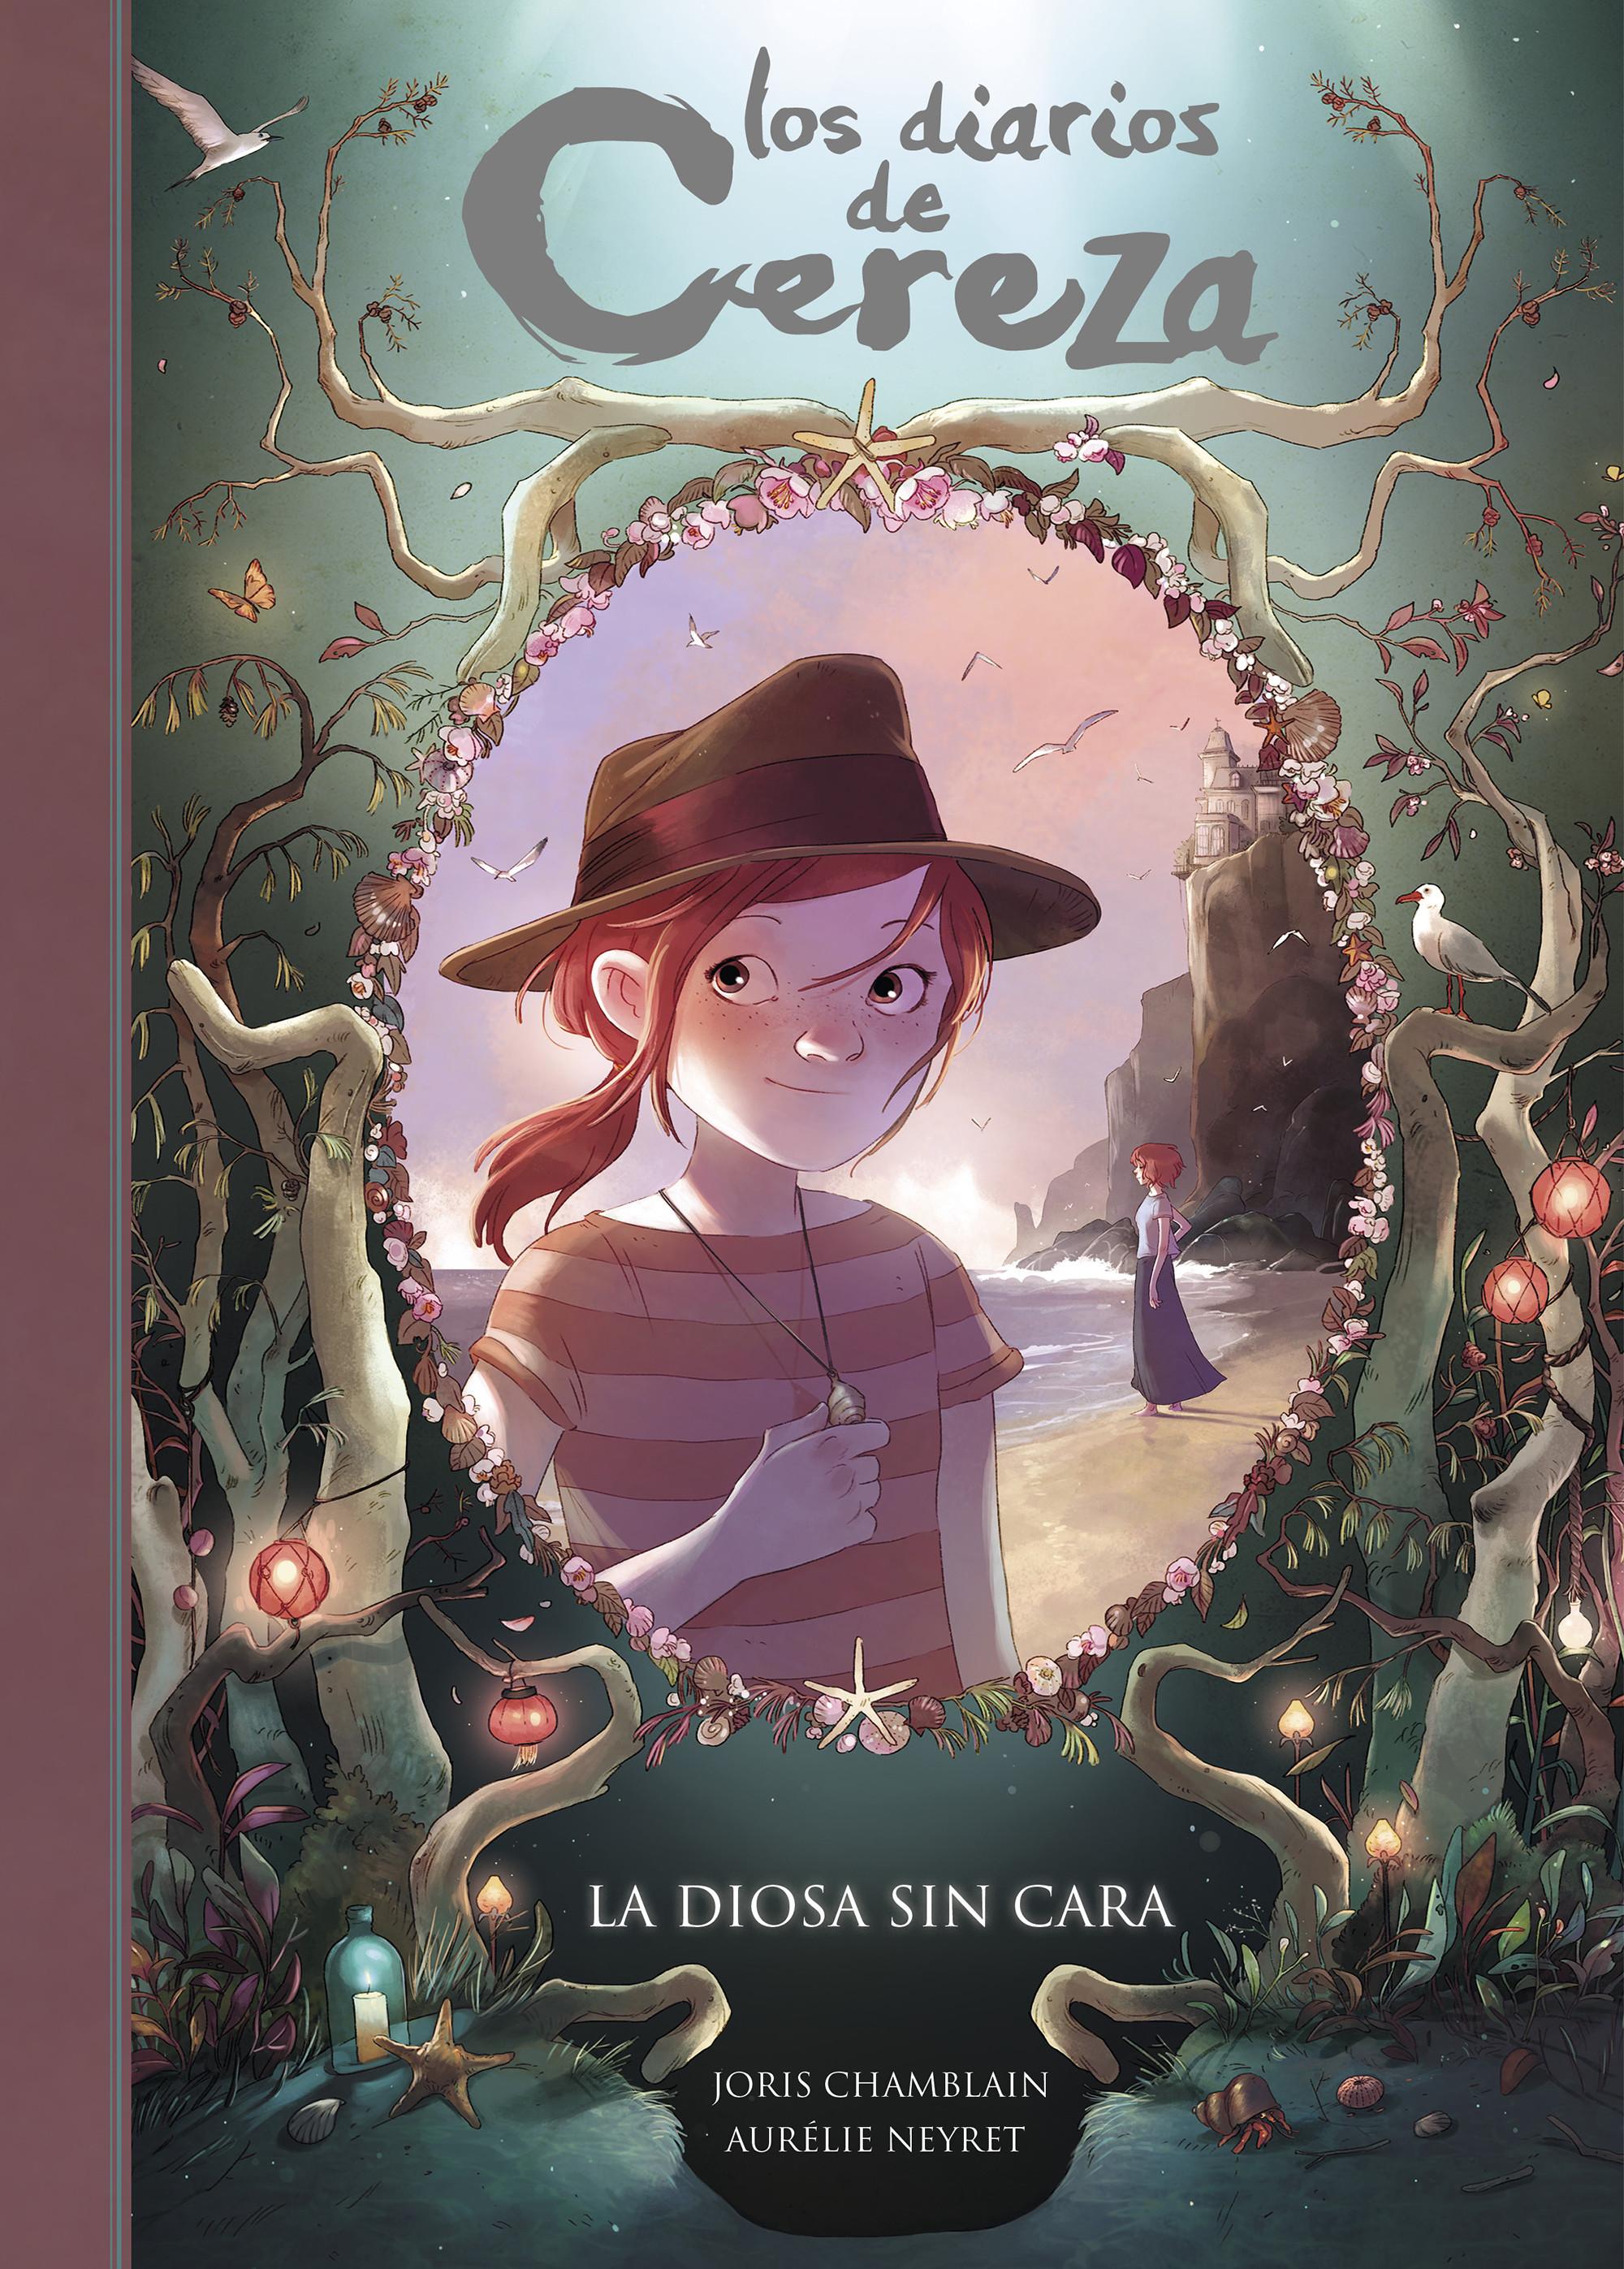 La diosa sin cara (Serie Los diarios de Cereza 4)